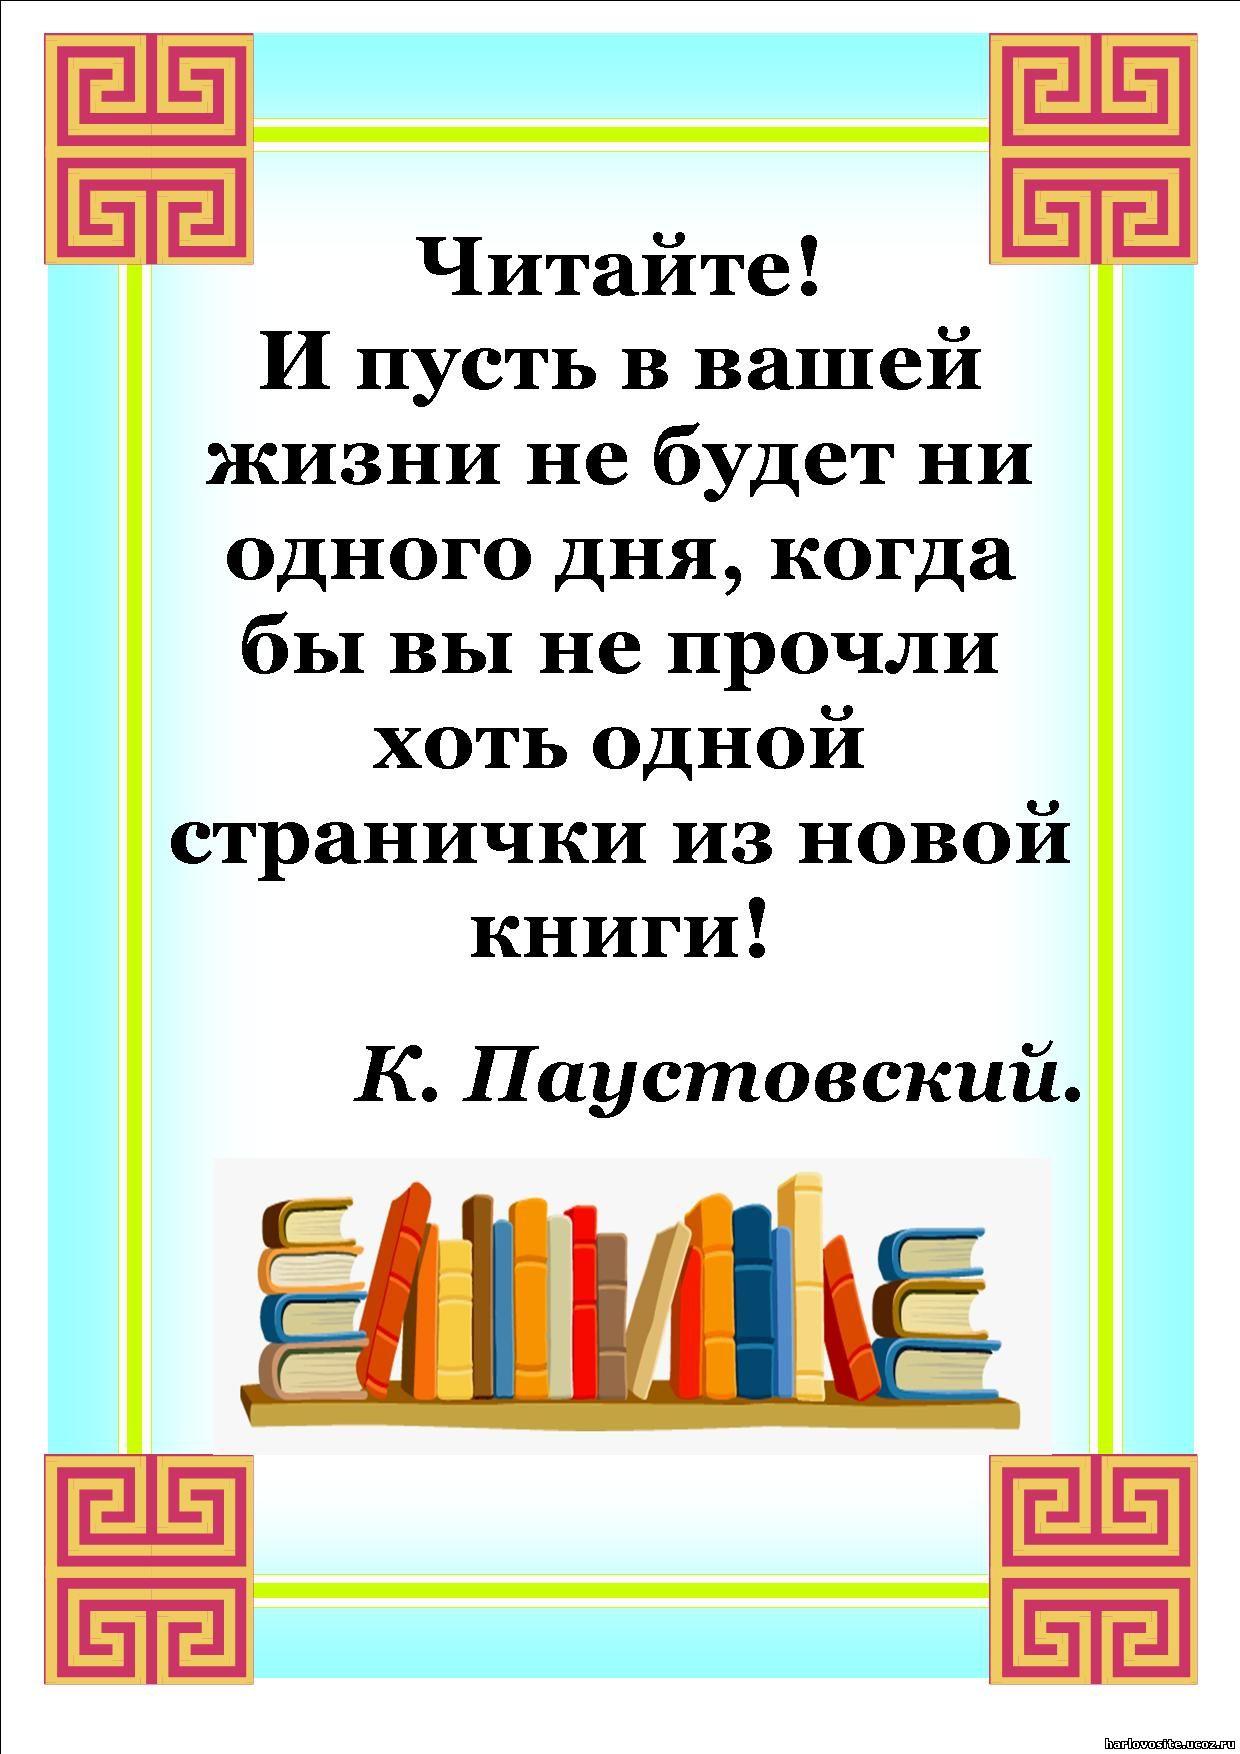 Картинки о чтении и книгах, открытки